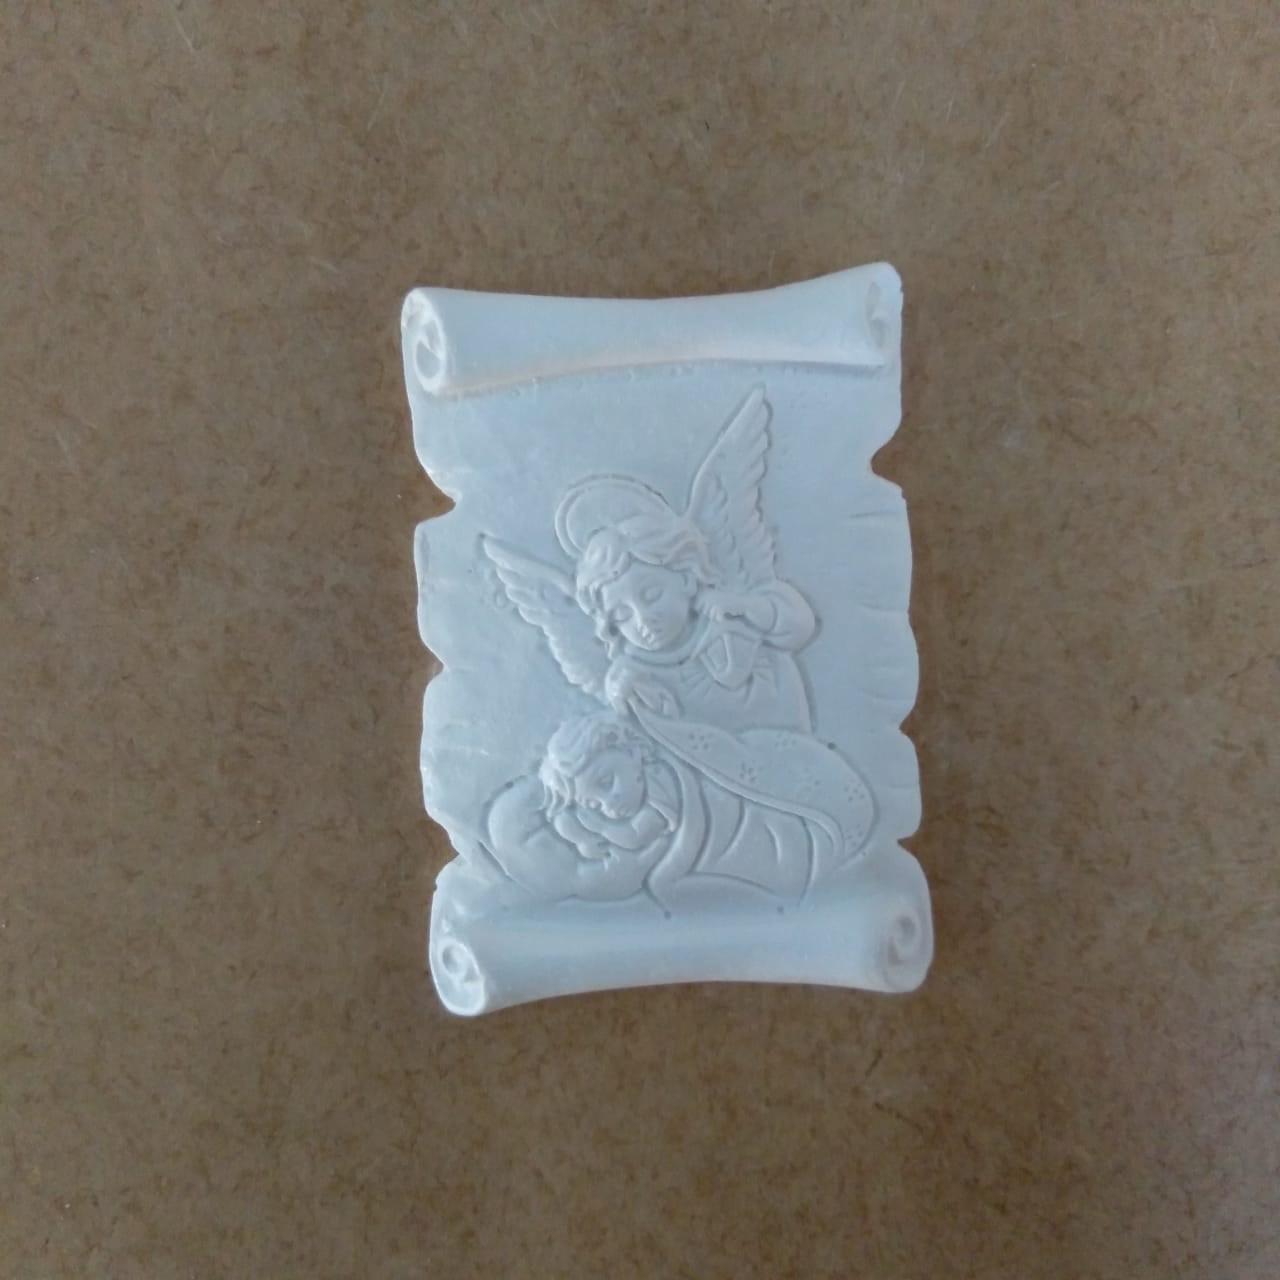 Aplique em Resina - Pergaminho Santo Anjo 6x4,5